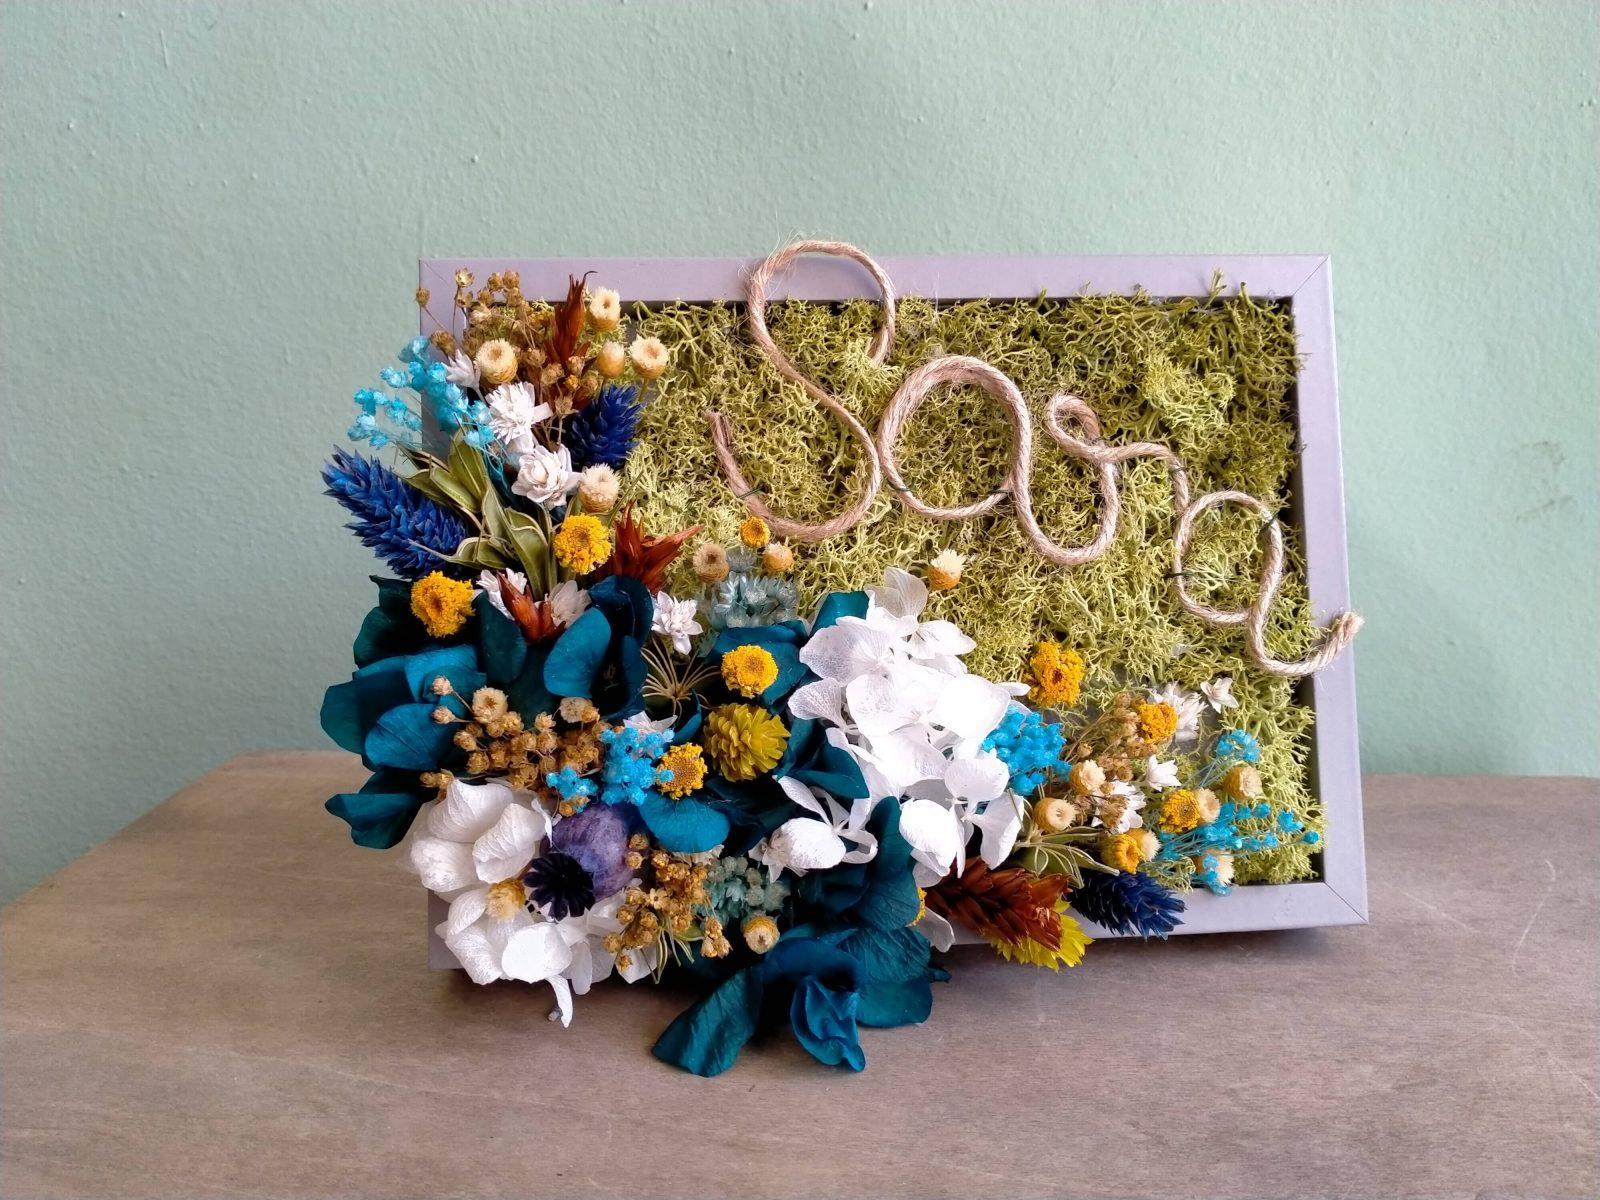 Venta de flores preservadas online.